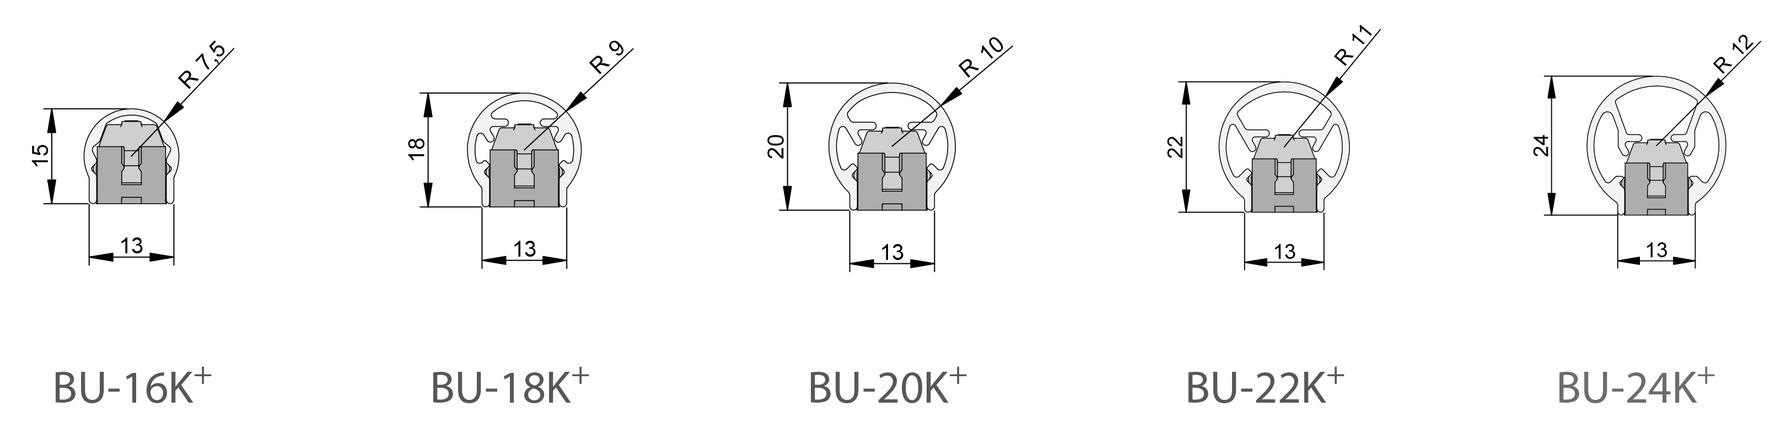 Fingerschutz ATHMER BU-K+